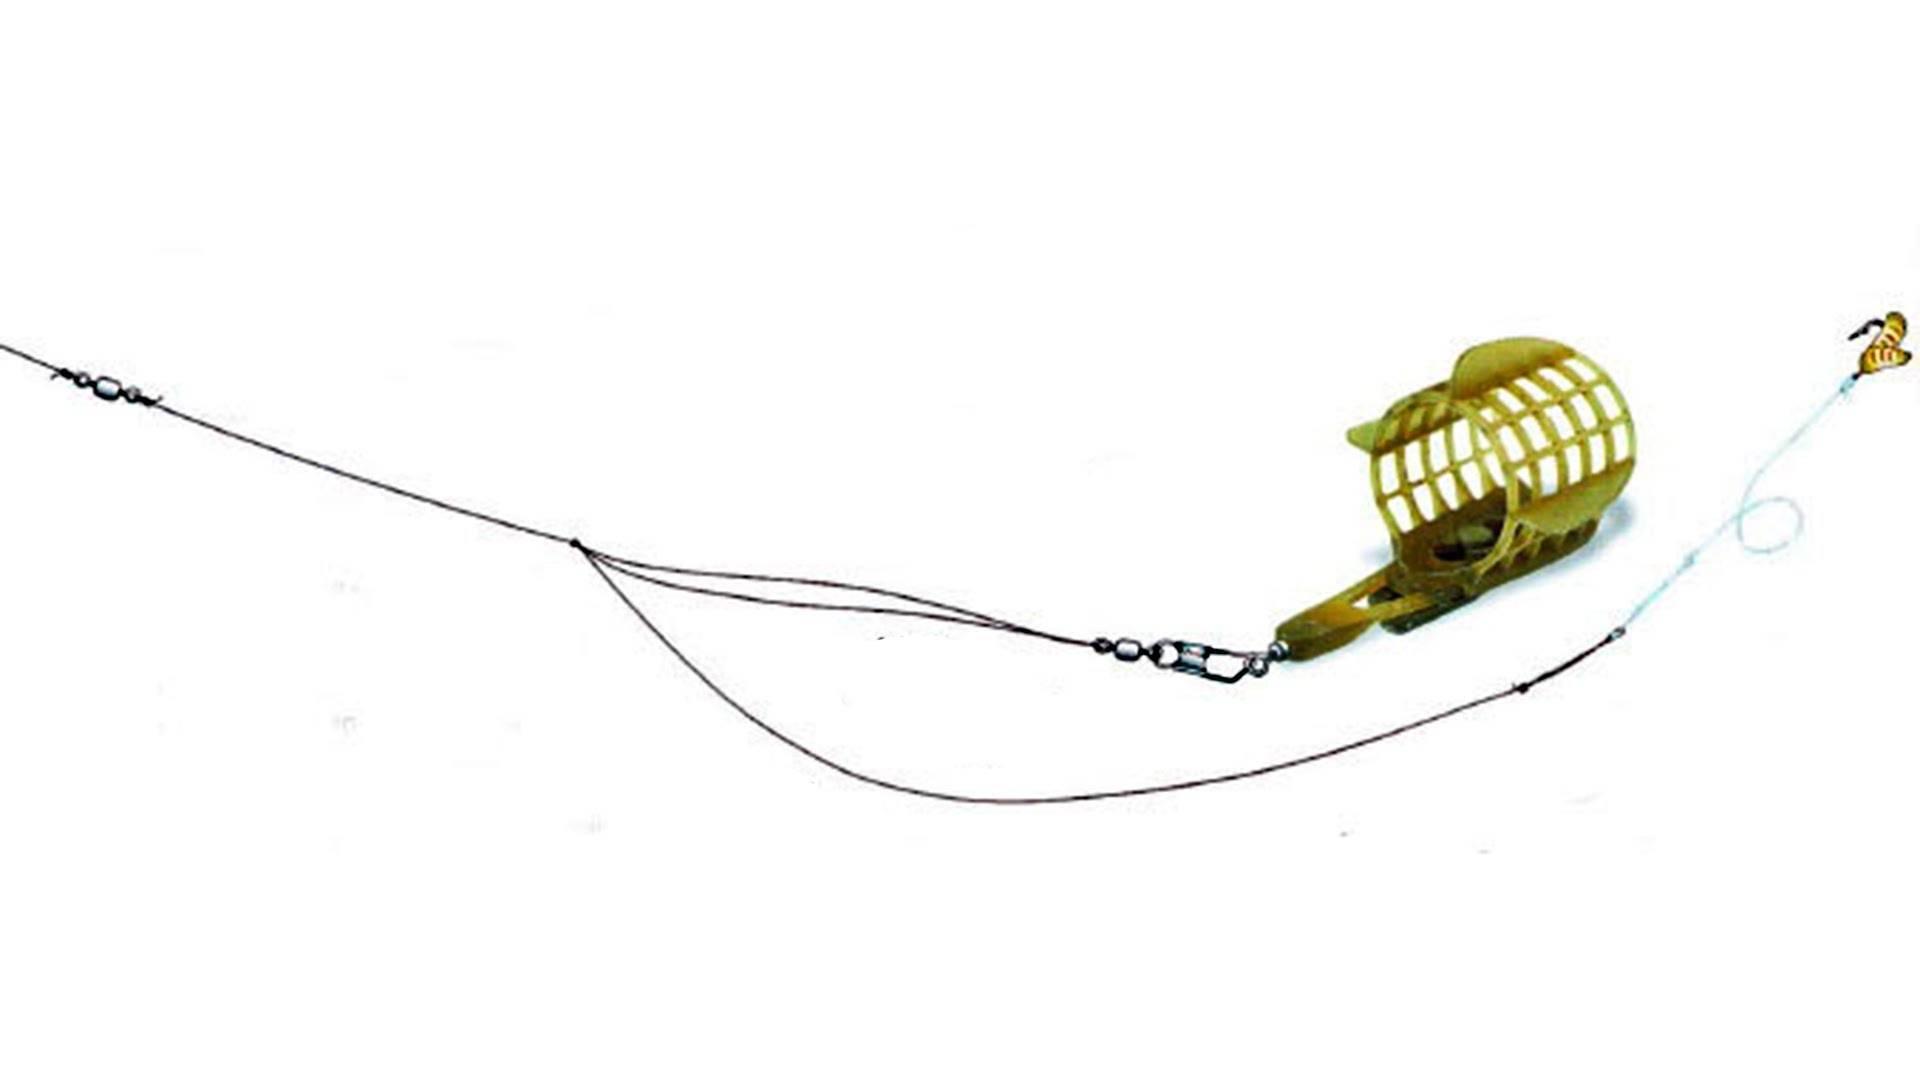 Фидерная оснастка на леща - снасть и особенности монтажа